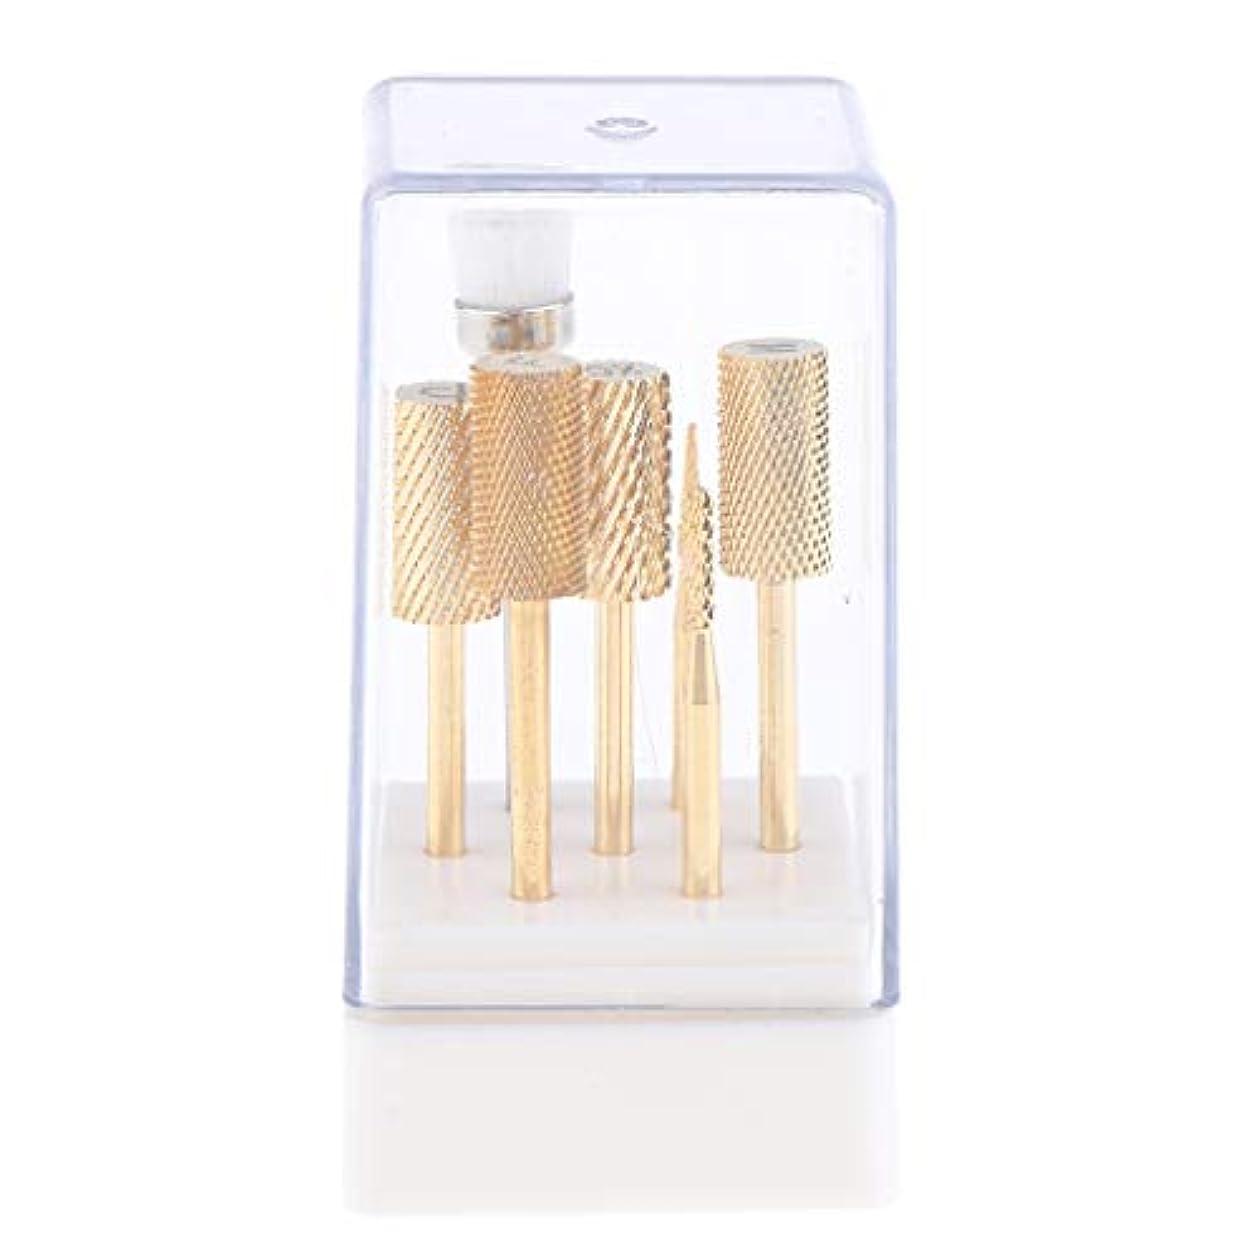 もし素晴らしき適応する7点 ネイルドリルビット 電動ネイルマシン適用 ゴールド ケース付き